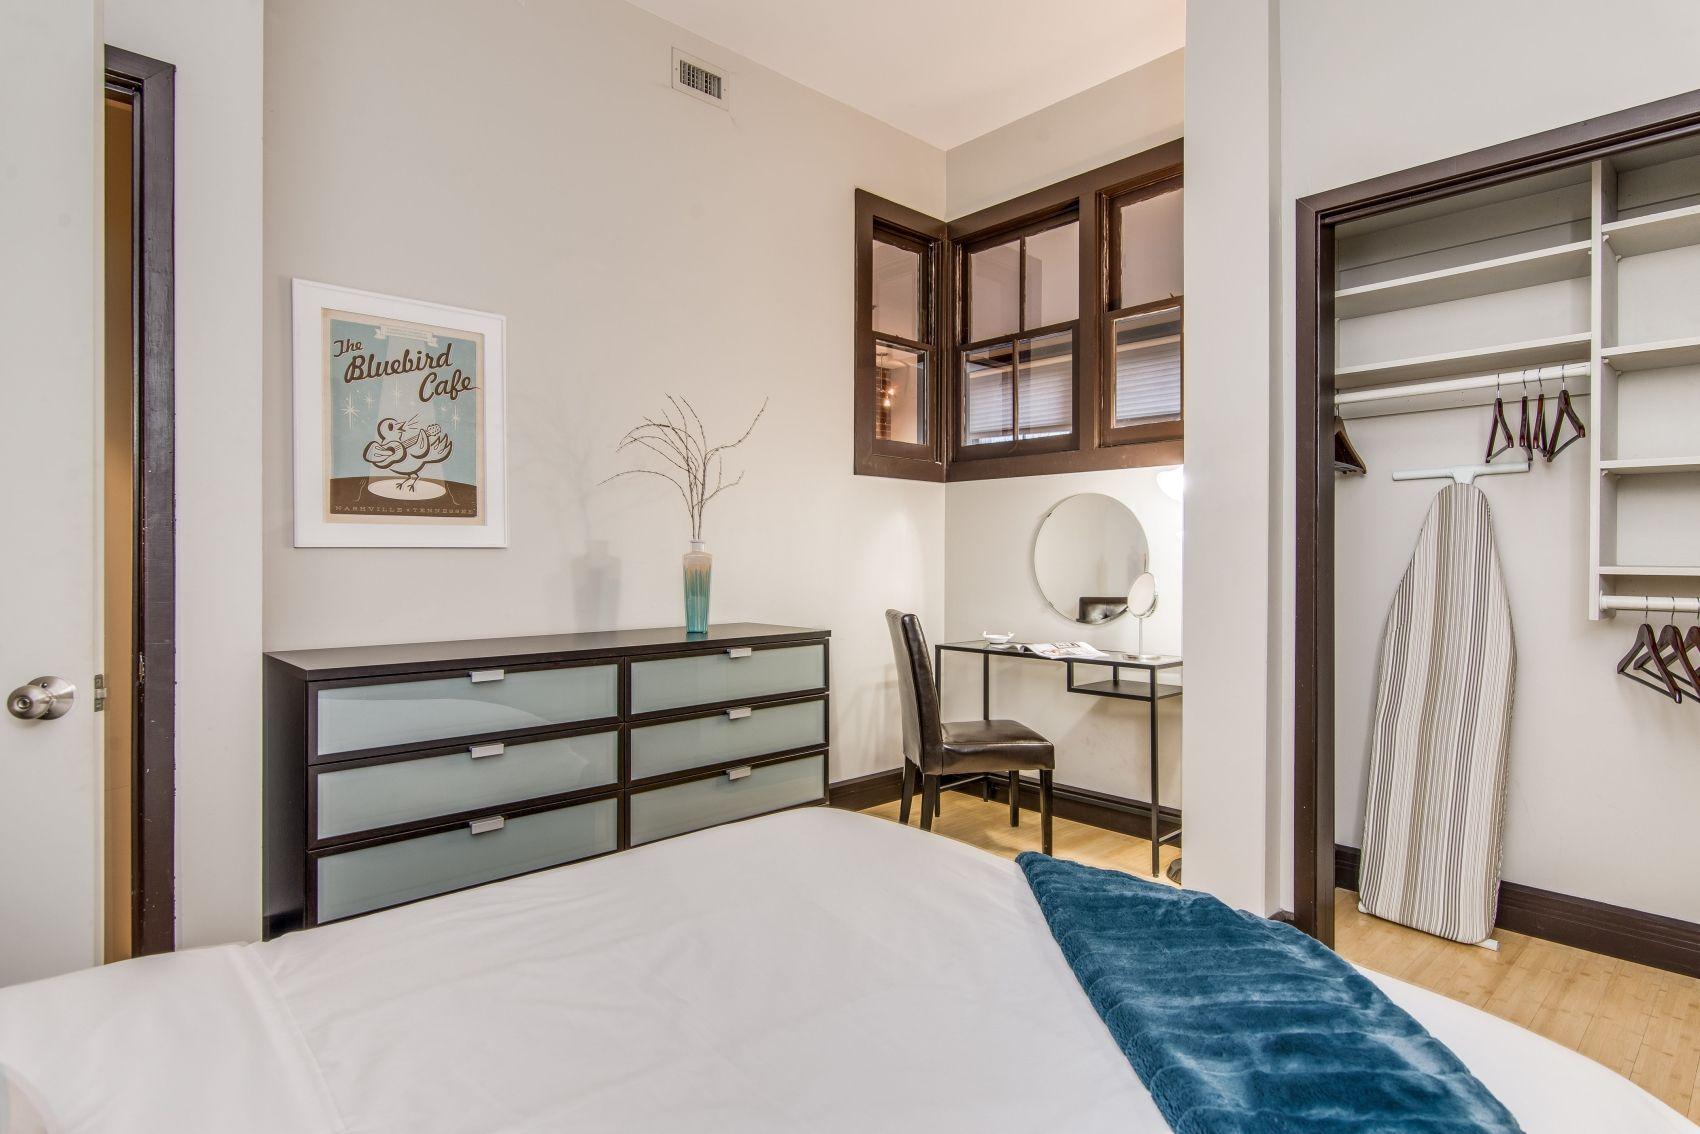 Moderne schlafzimmermöbel ~ Modern contemporary urban schlafzimmermöbel schlafzimmer